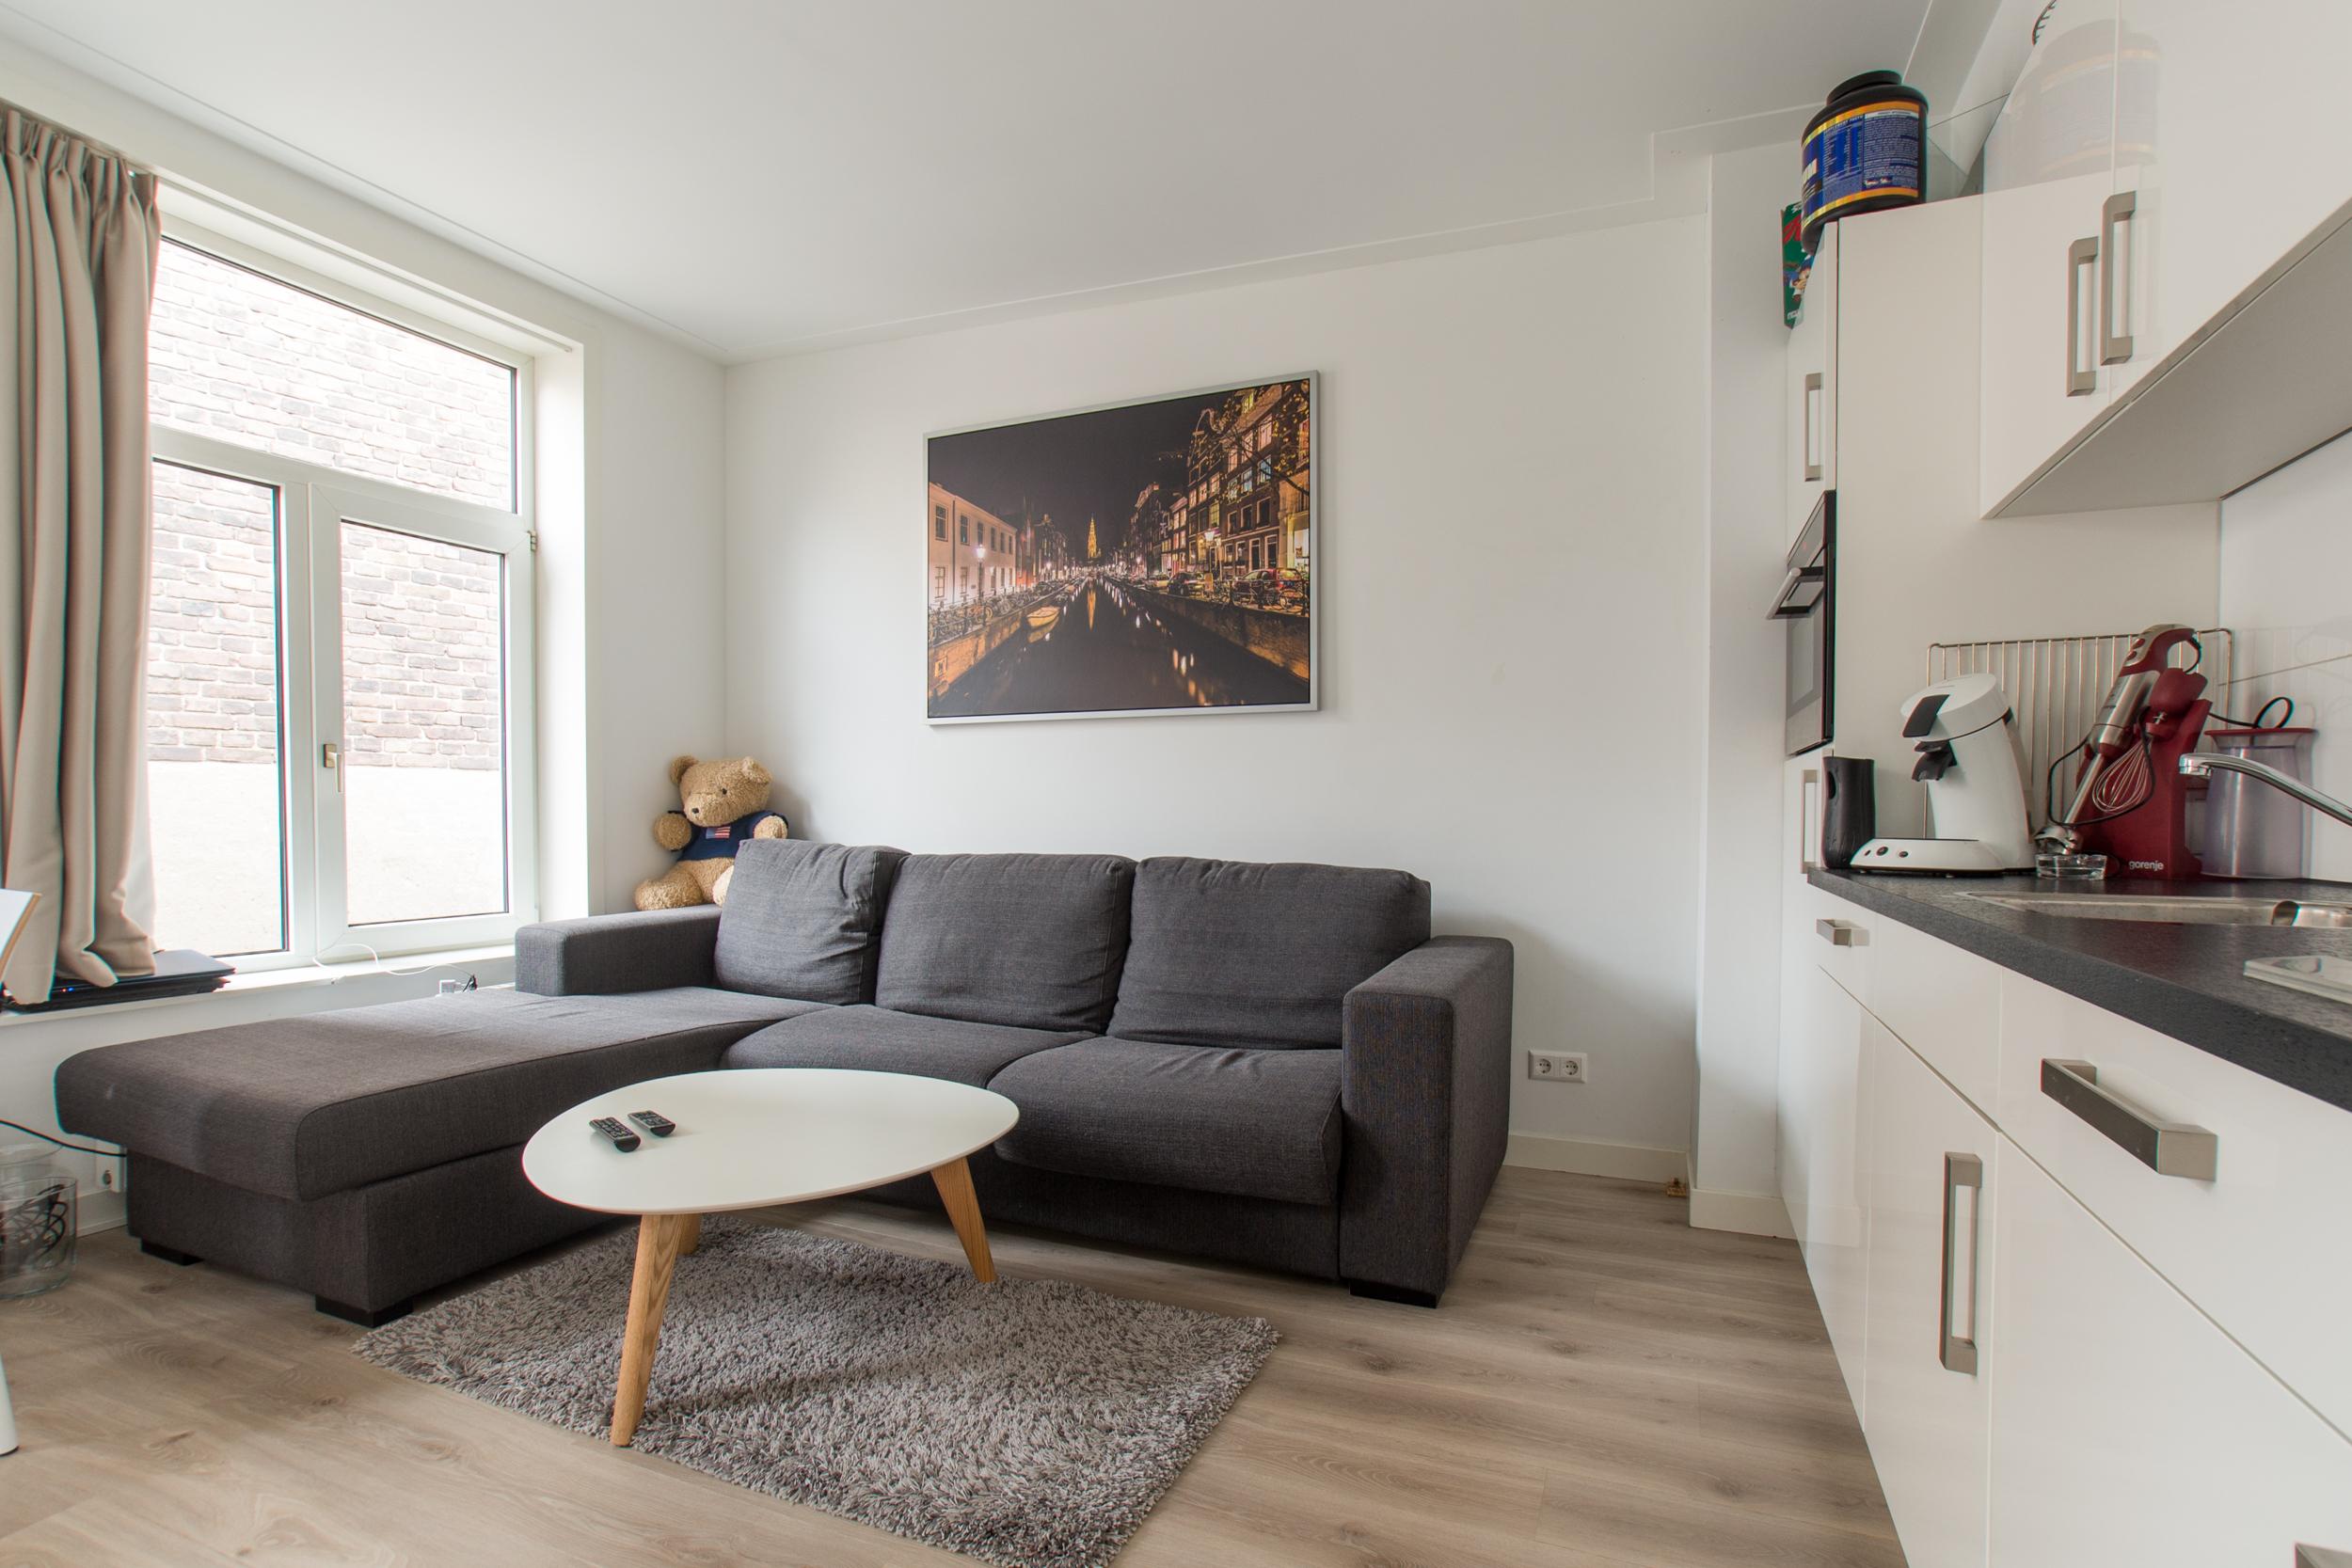 Reguliersdwarstraat 103-3, Amsterdam